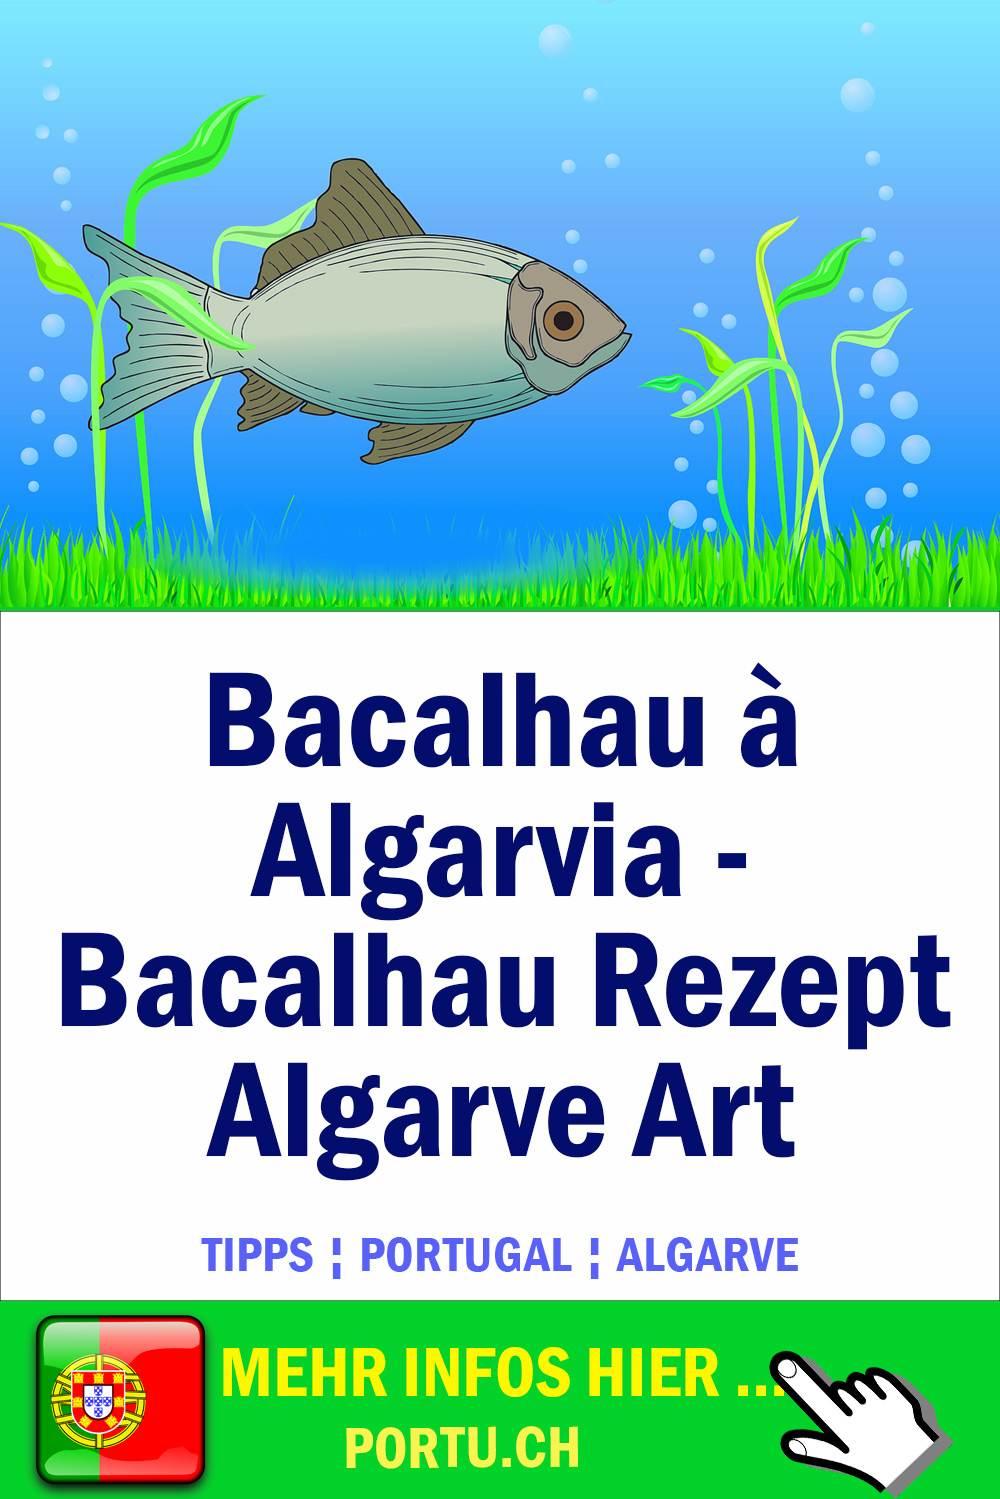 Bacalhau à algarvia - Bacalhau Rezept Algarve Art